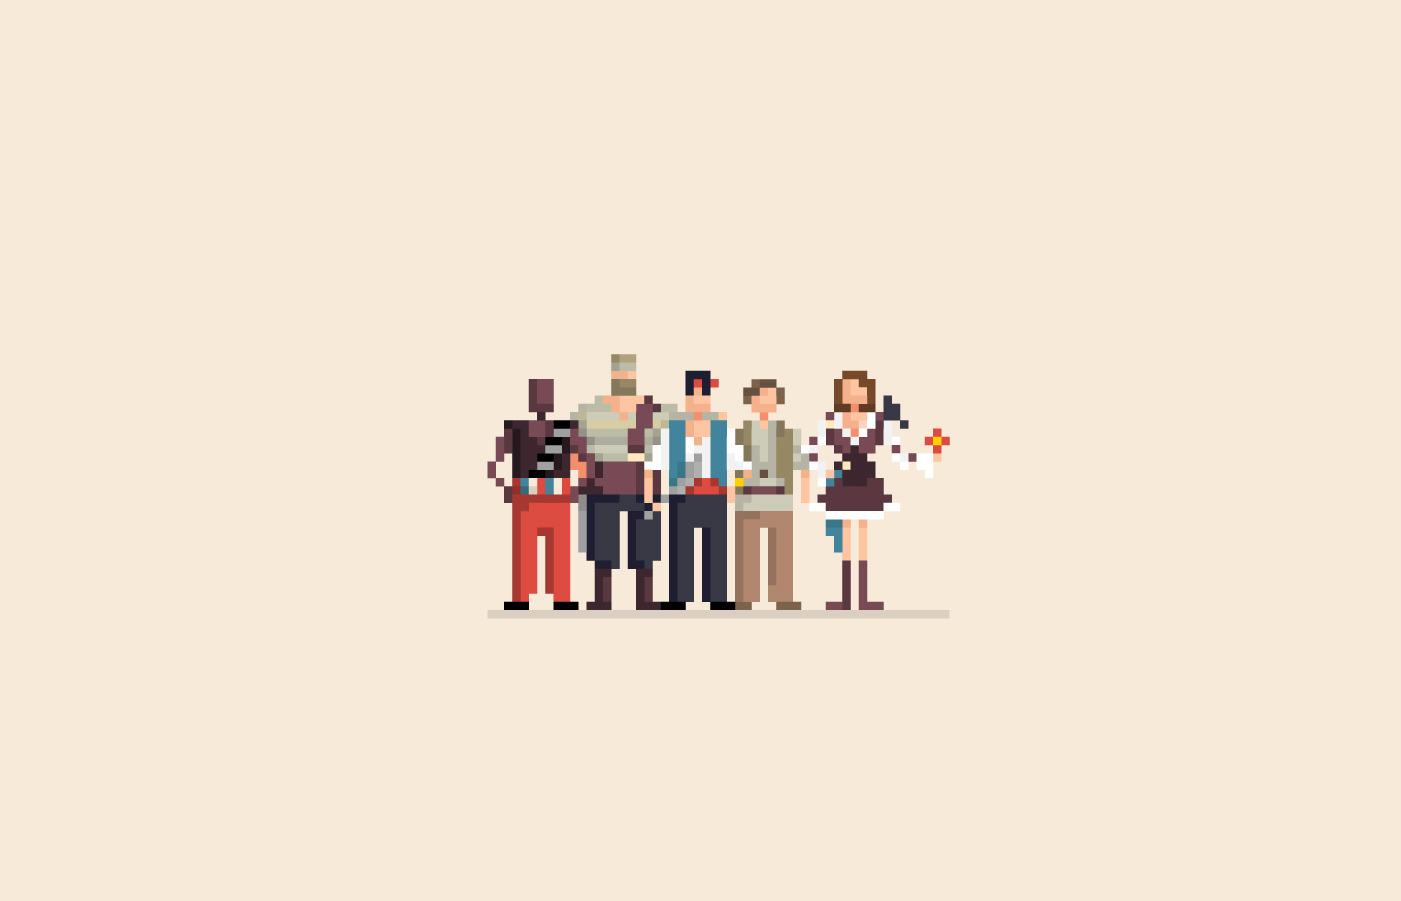 Thử đoán tên phim khi được vẽ lại bằng hình pixel?